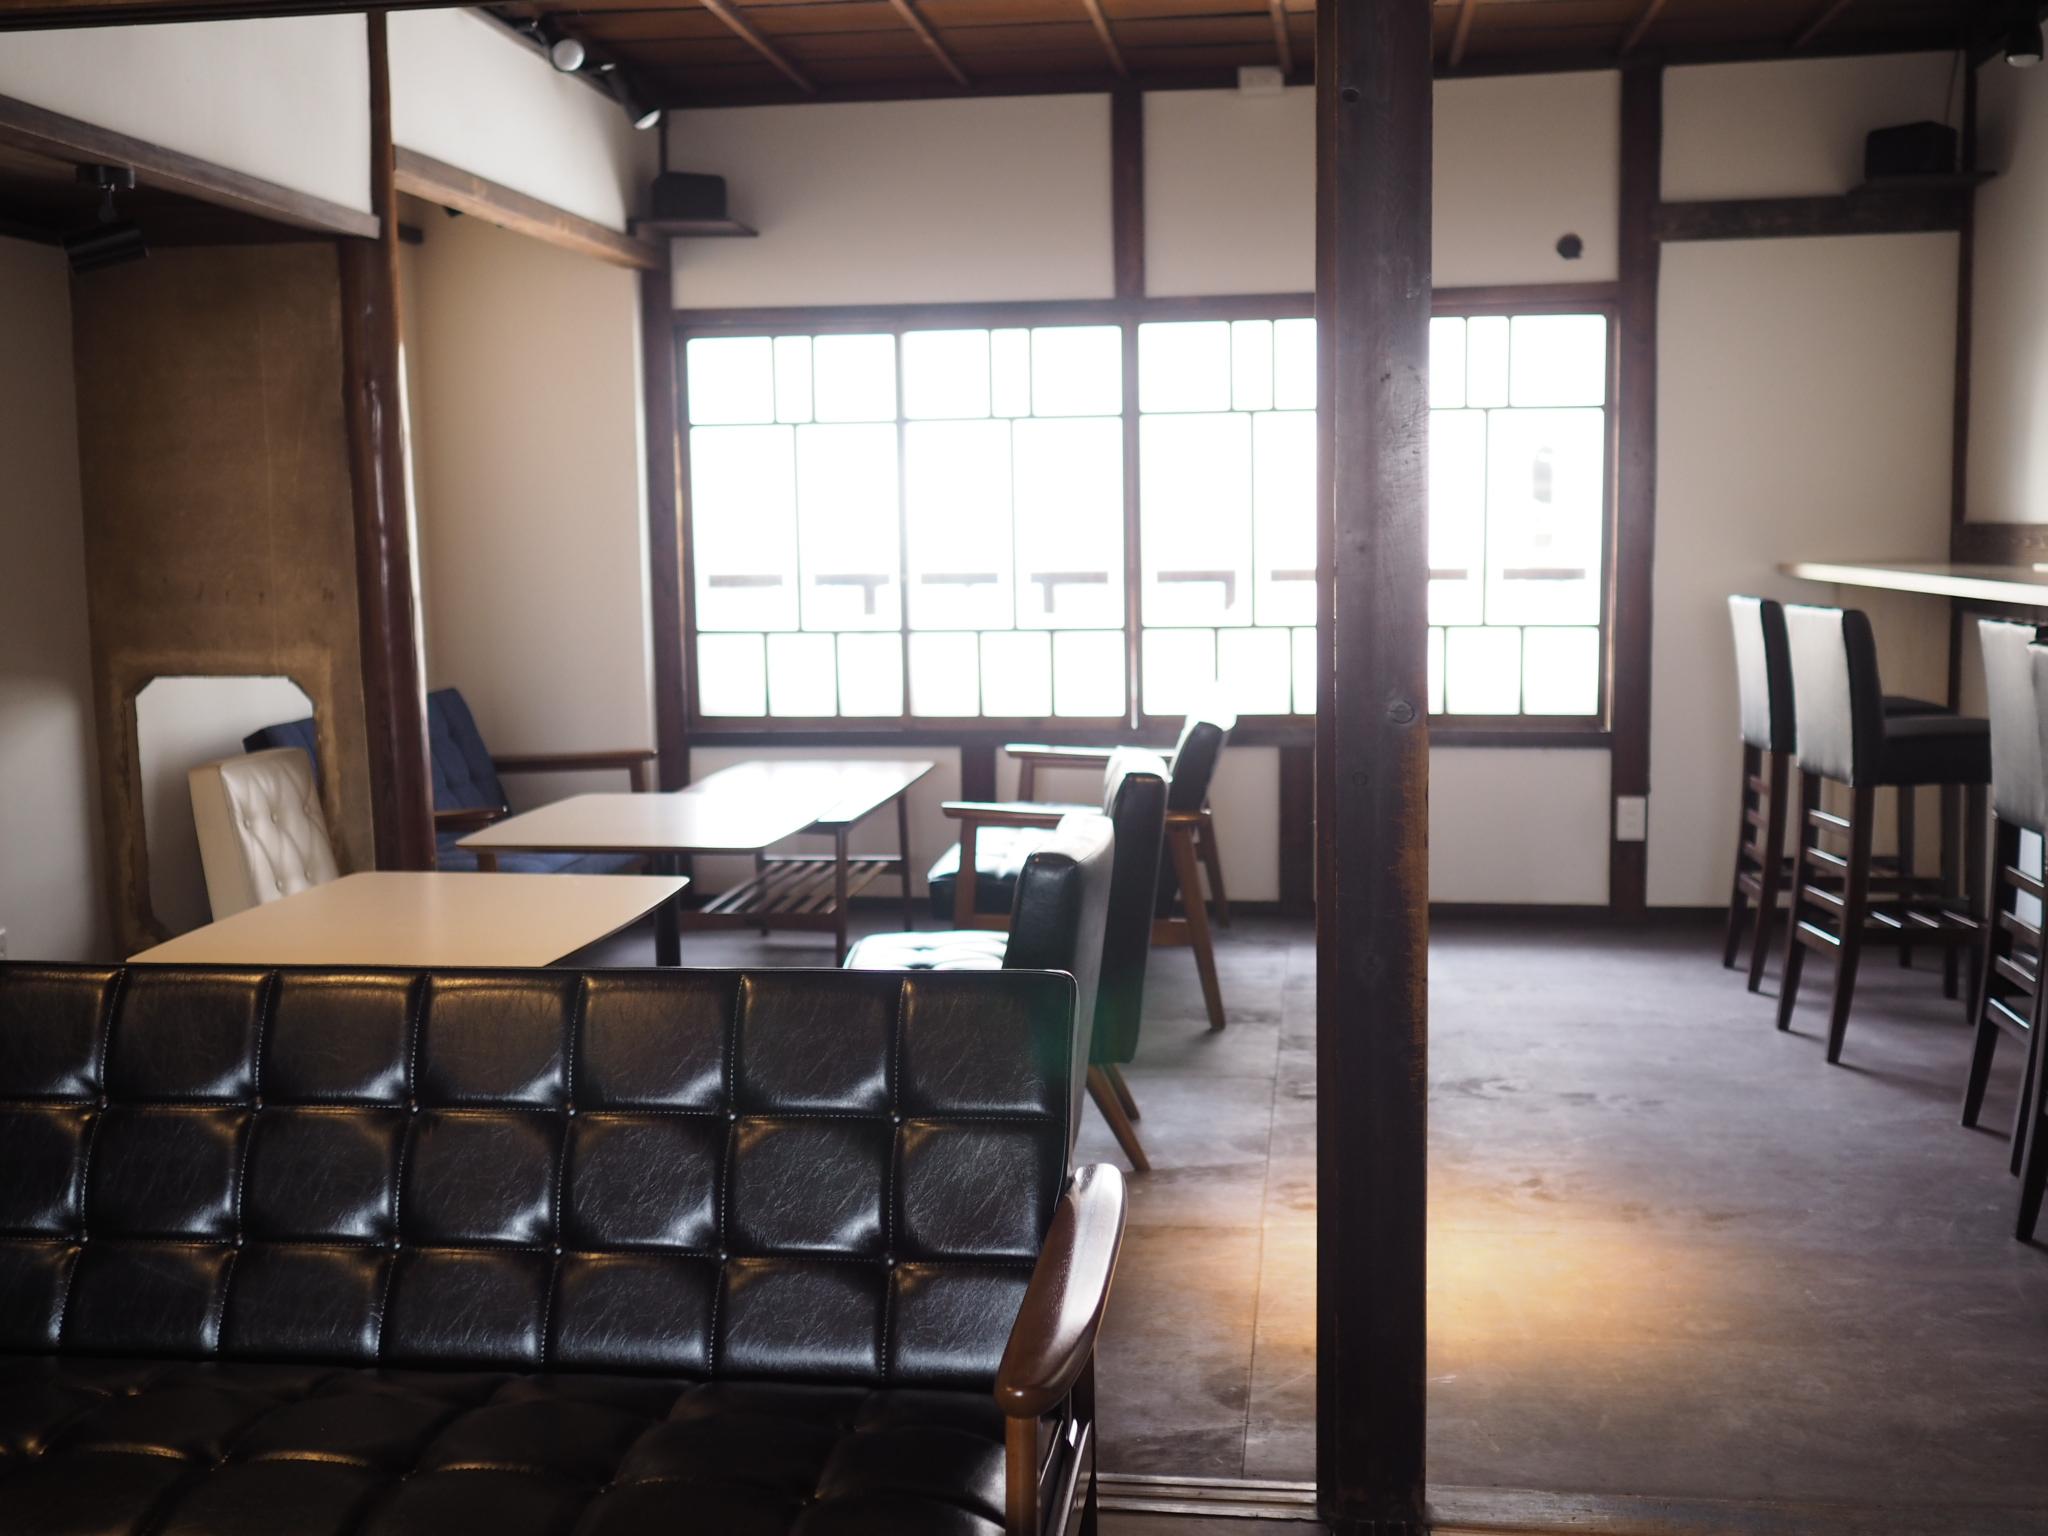 名古屋名物のモーニングが一日中楽しめる!名駅西「喫茶モーニング」に込められた想いとは - kissa morning7